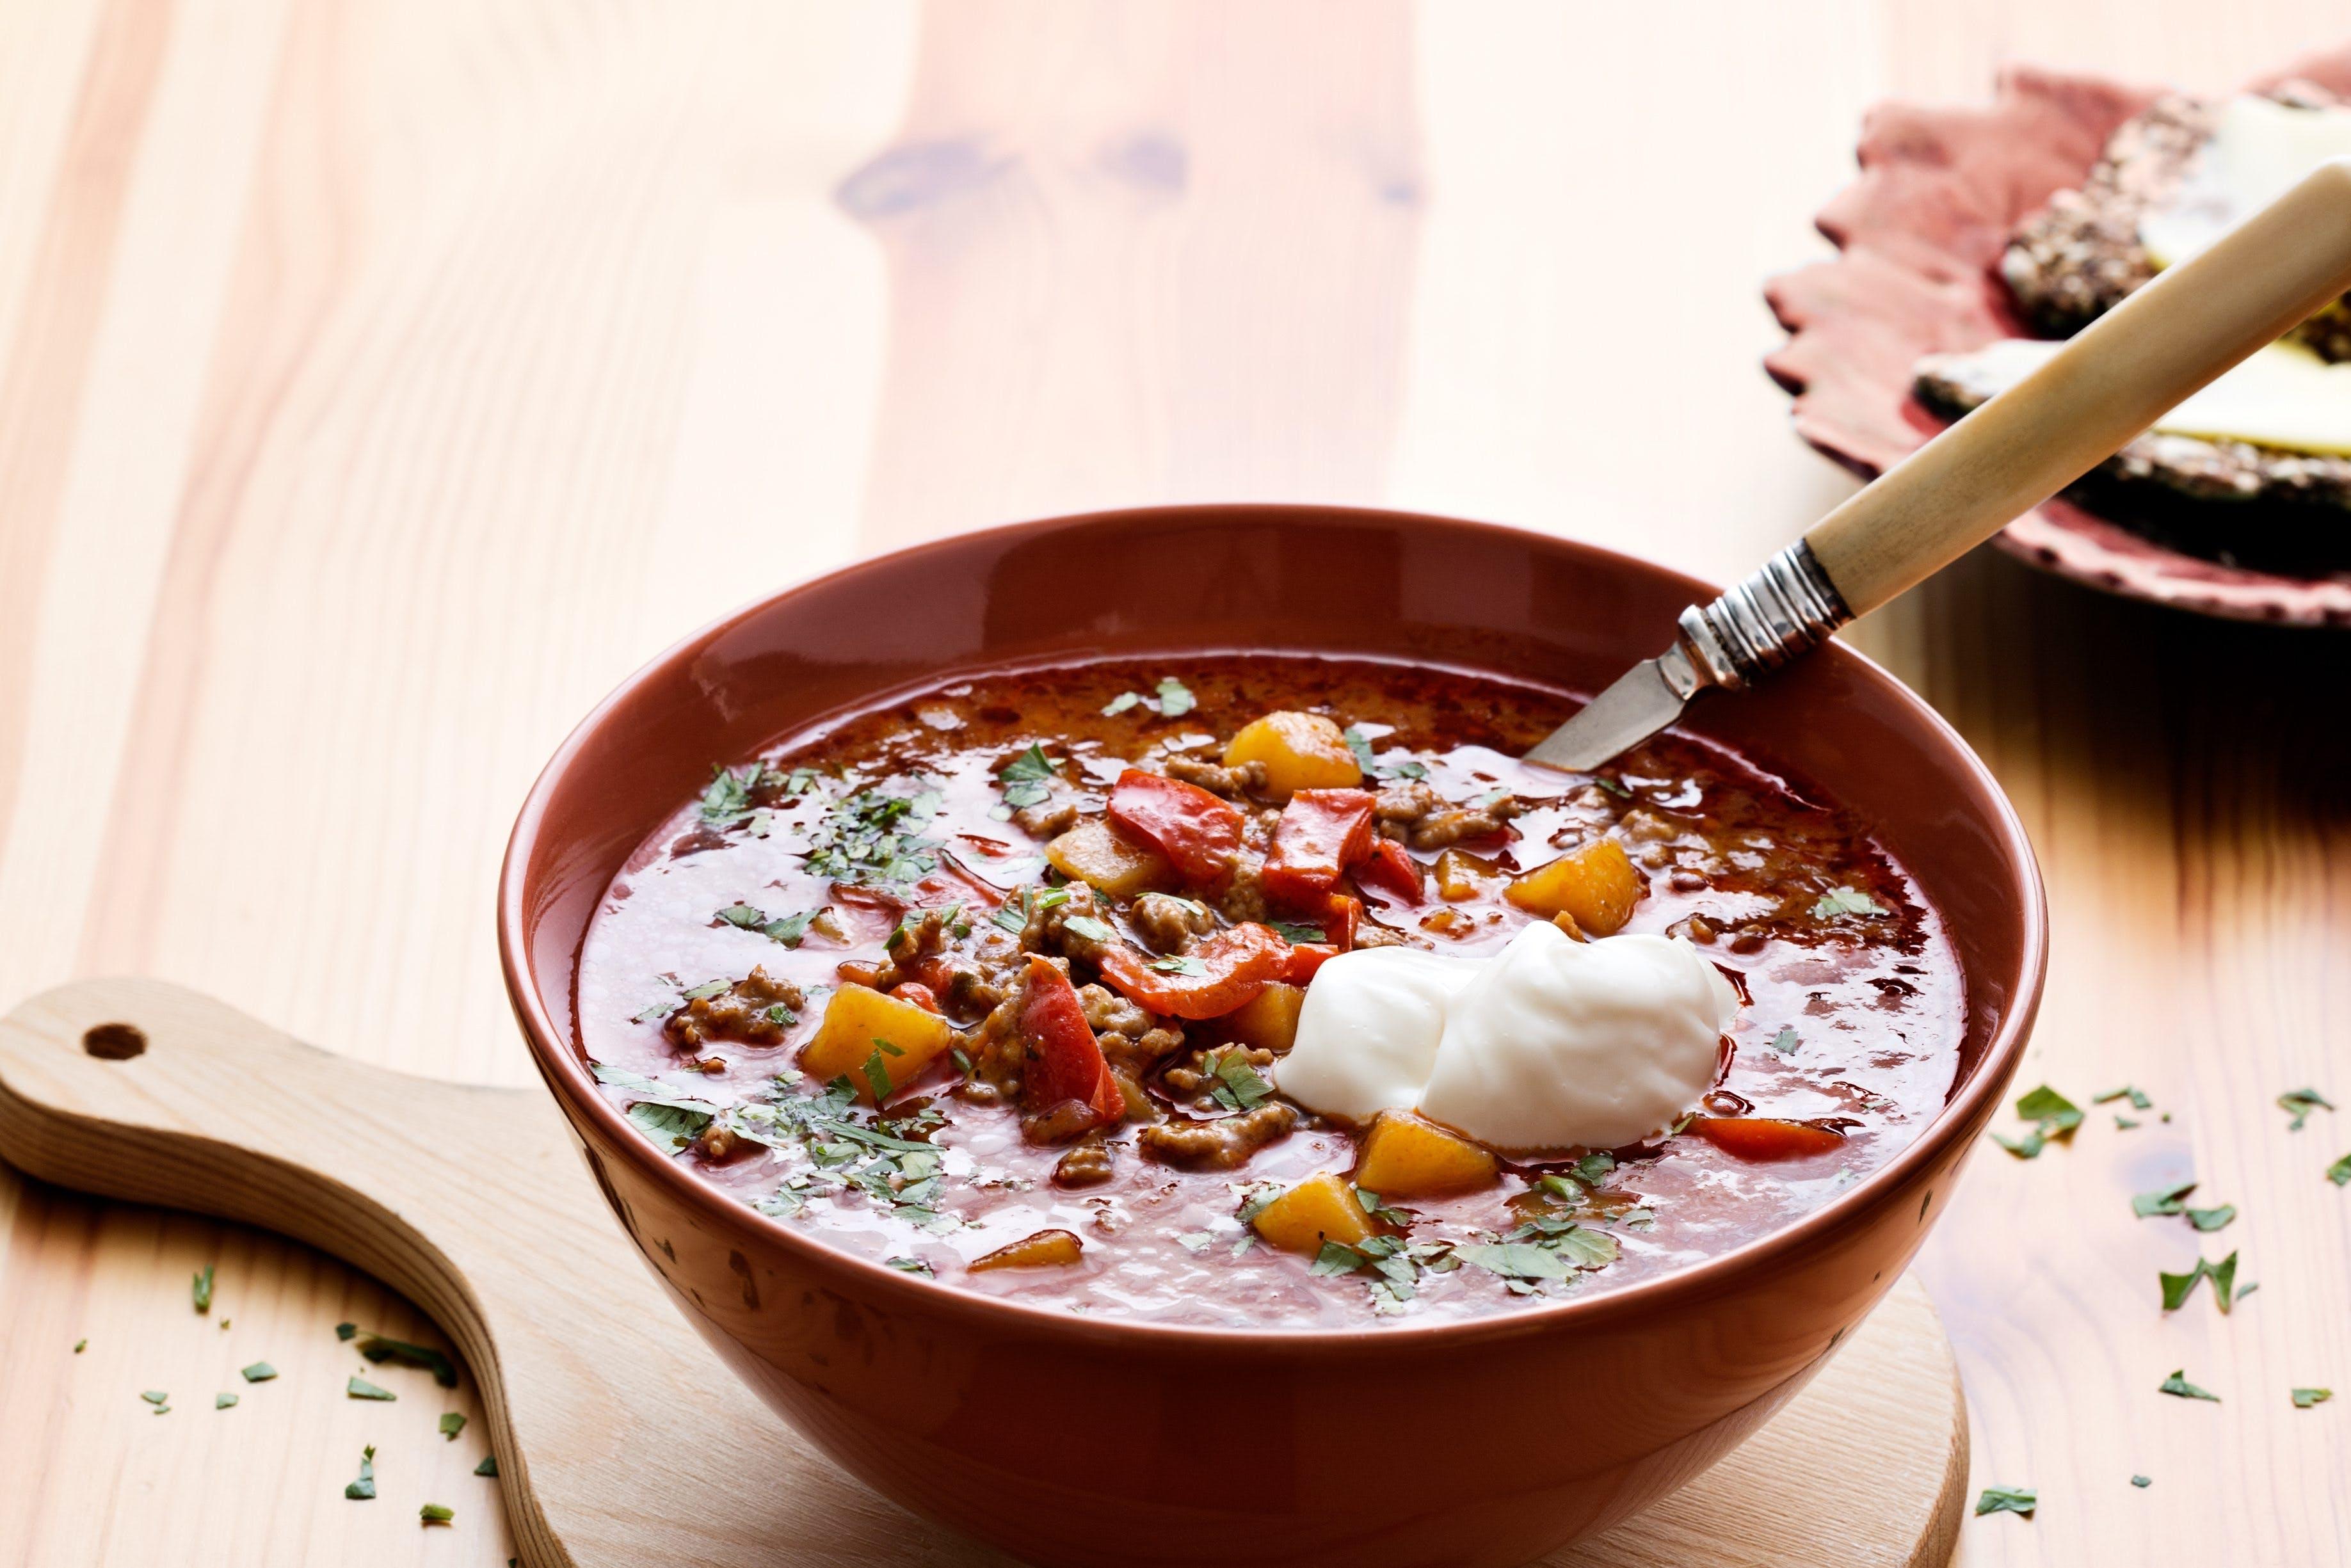 Low-carb Goulash soup